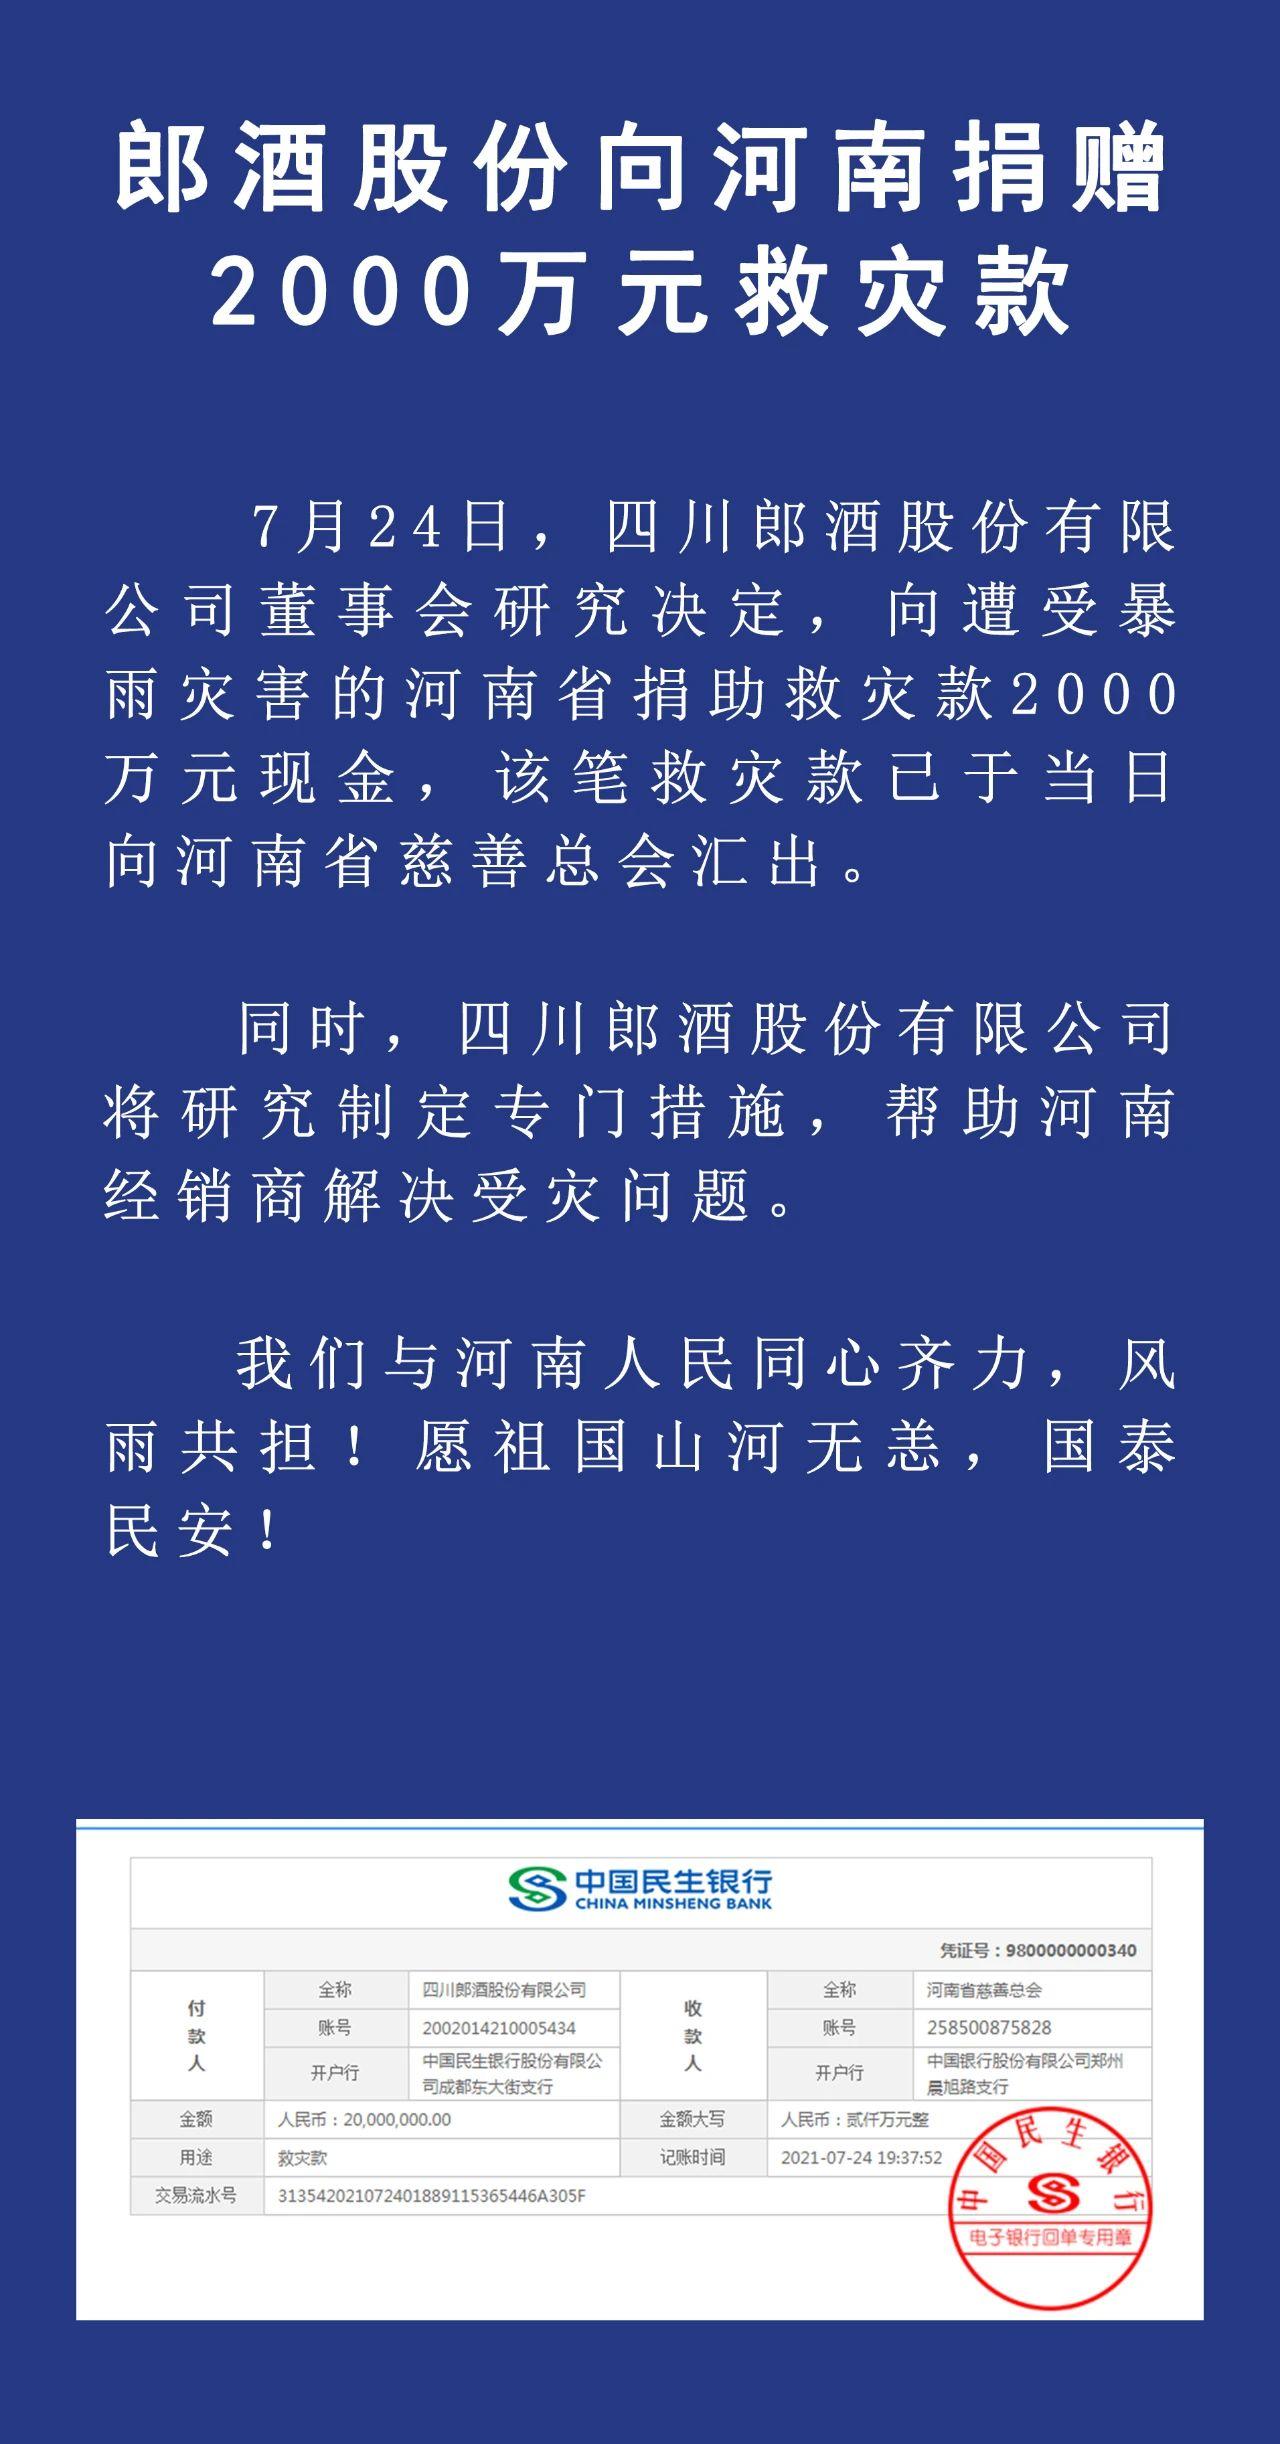 郎酒股份:已向河南捐赠2000万元现金 帮助经销商解决受灾问题